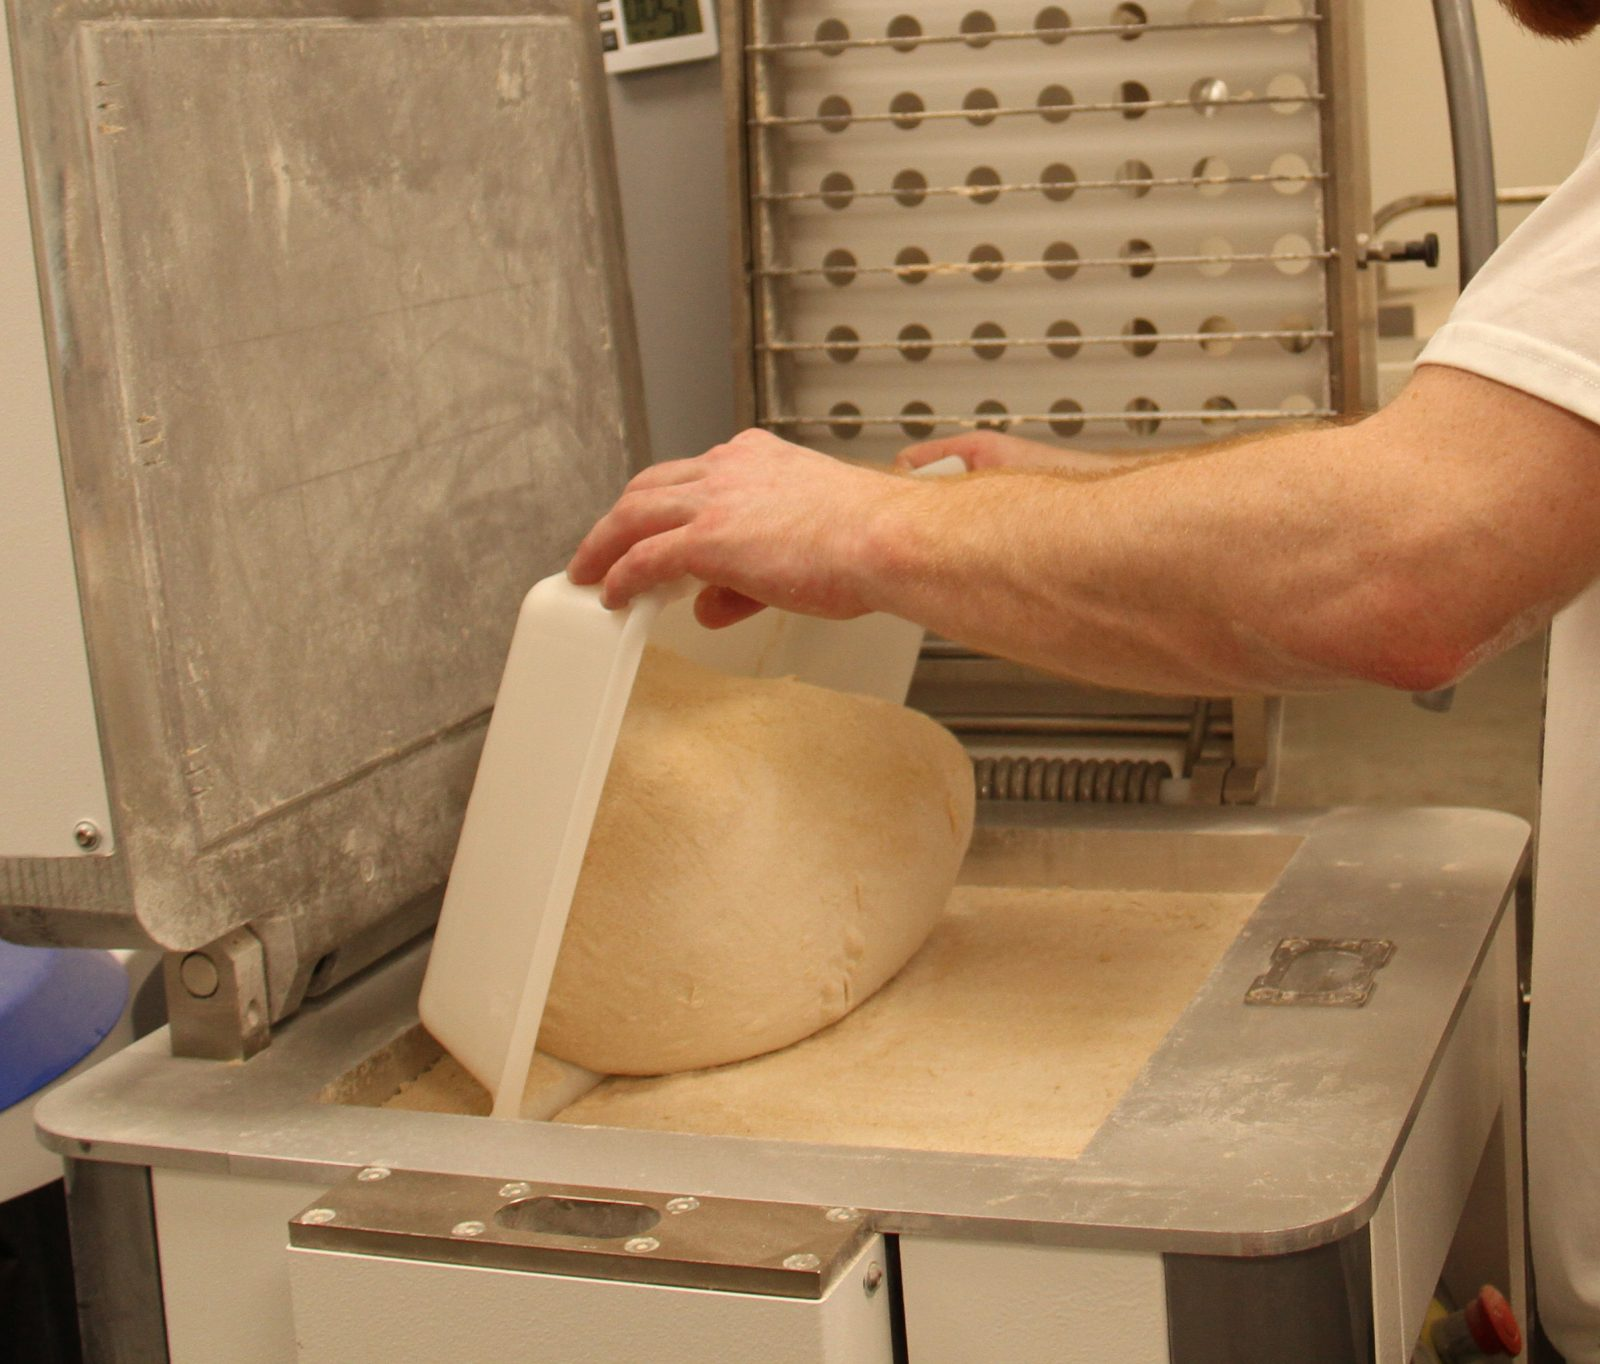 Formeuse à pain division en pâtons